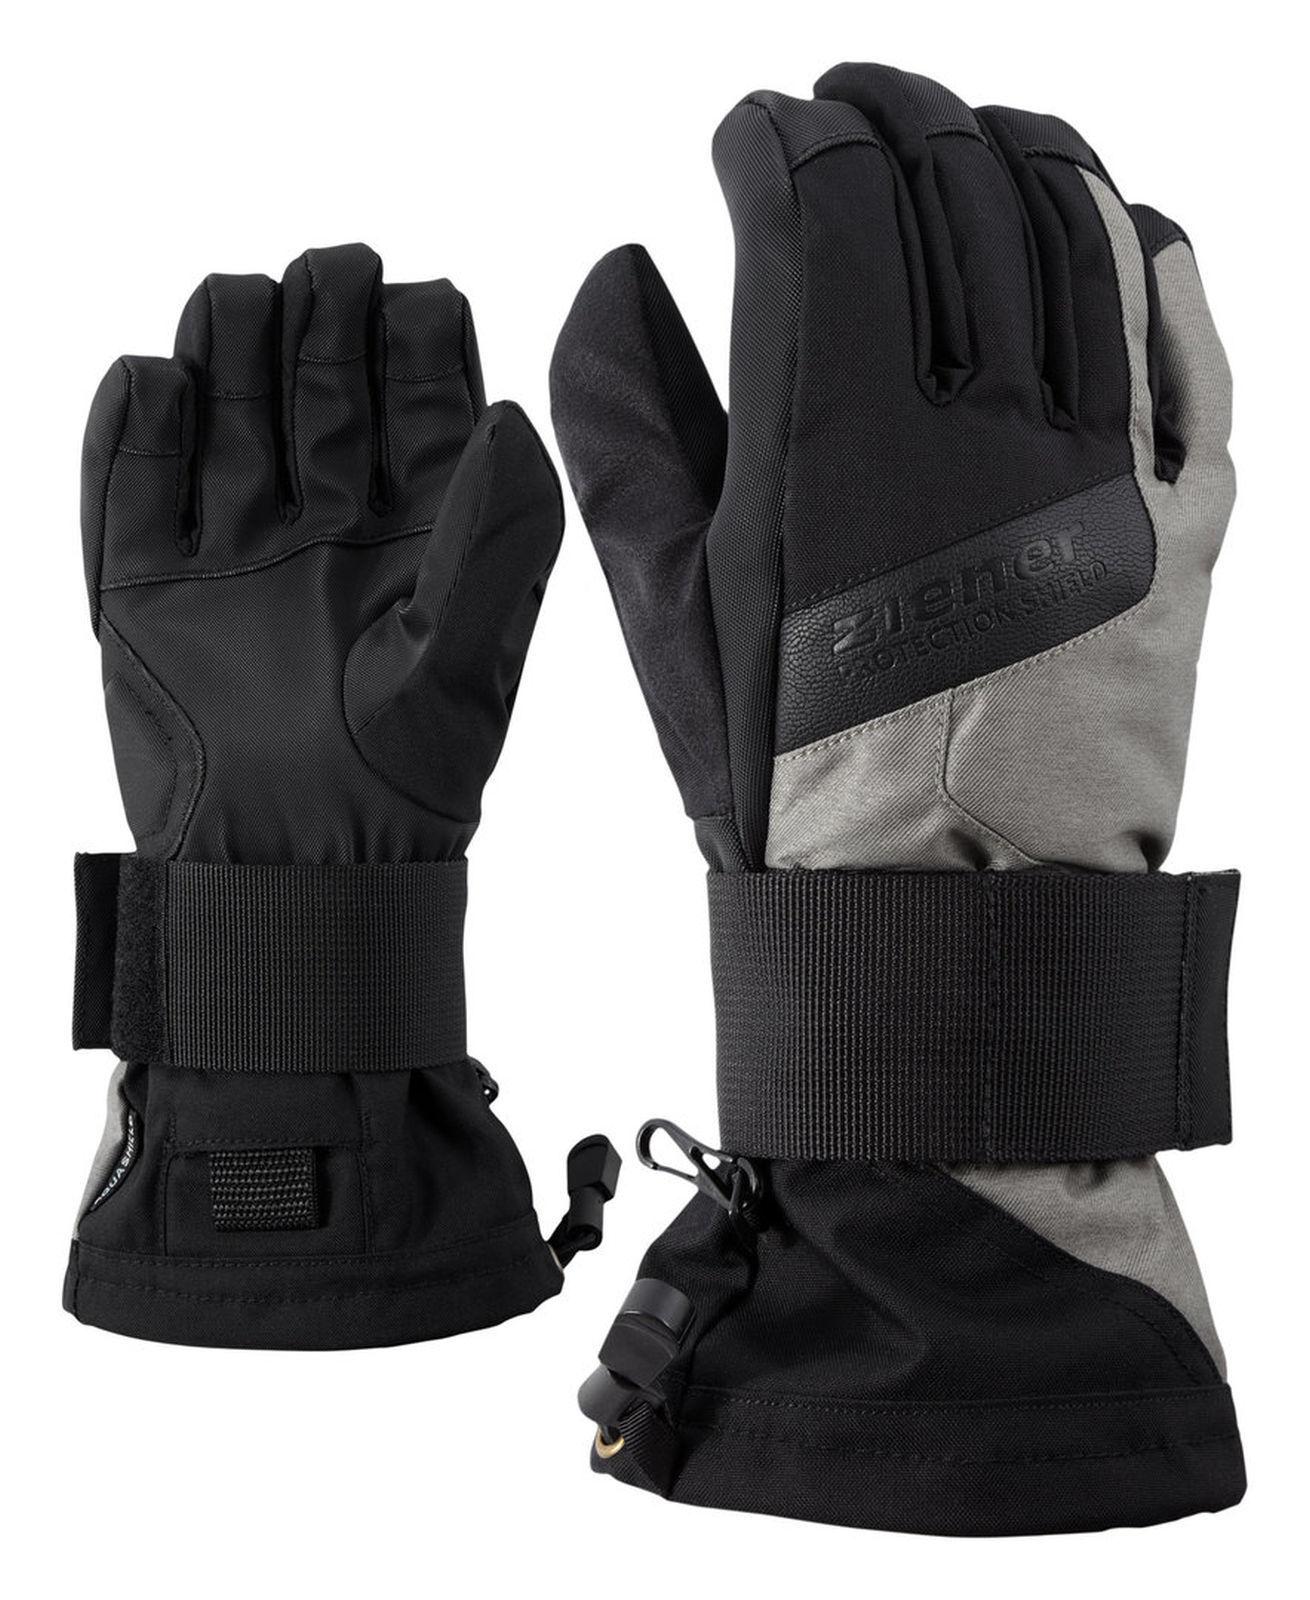 Ziener Kinder Snowboard Handschuh MIKKS AS® JUNIOR SB black grey 181720 122